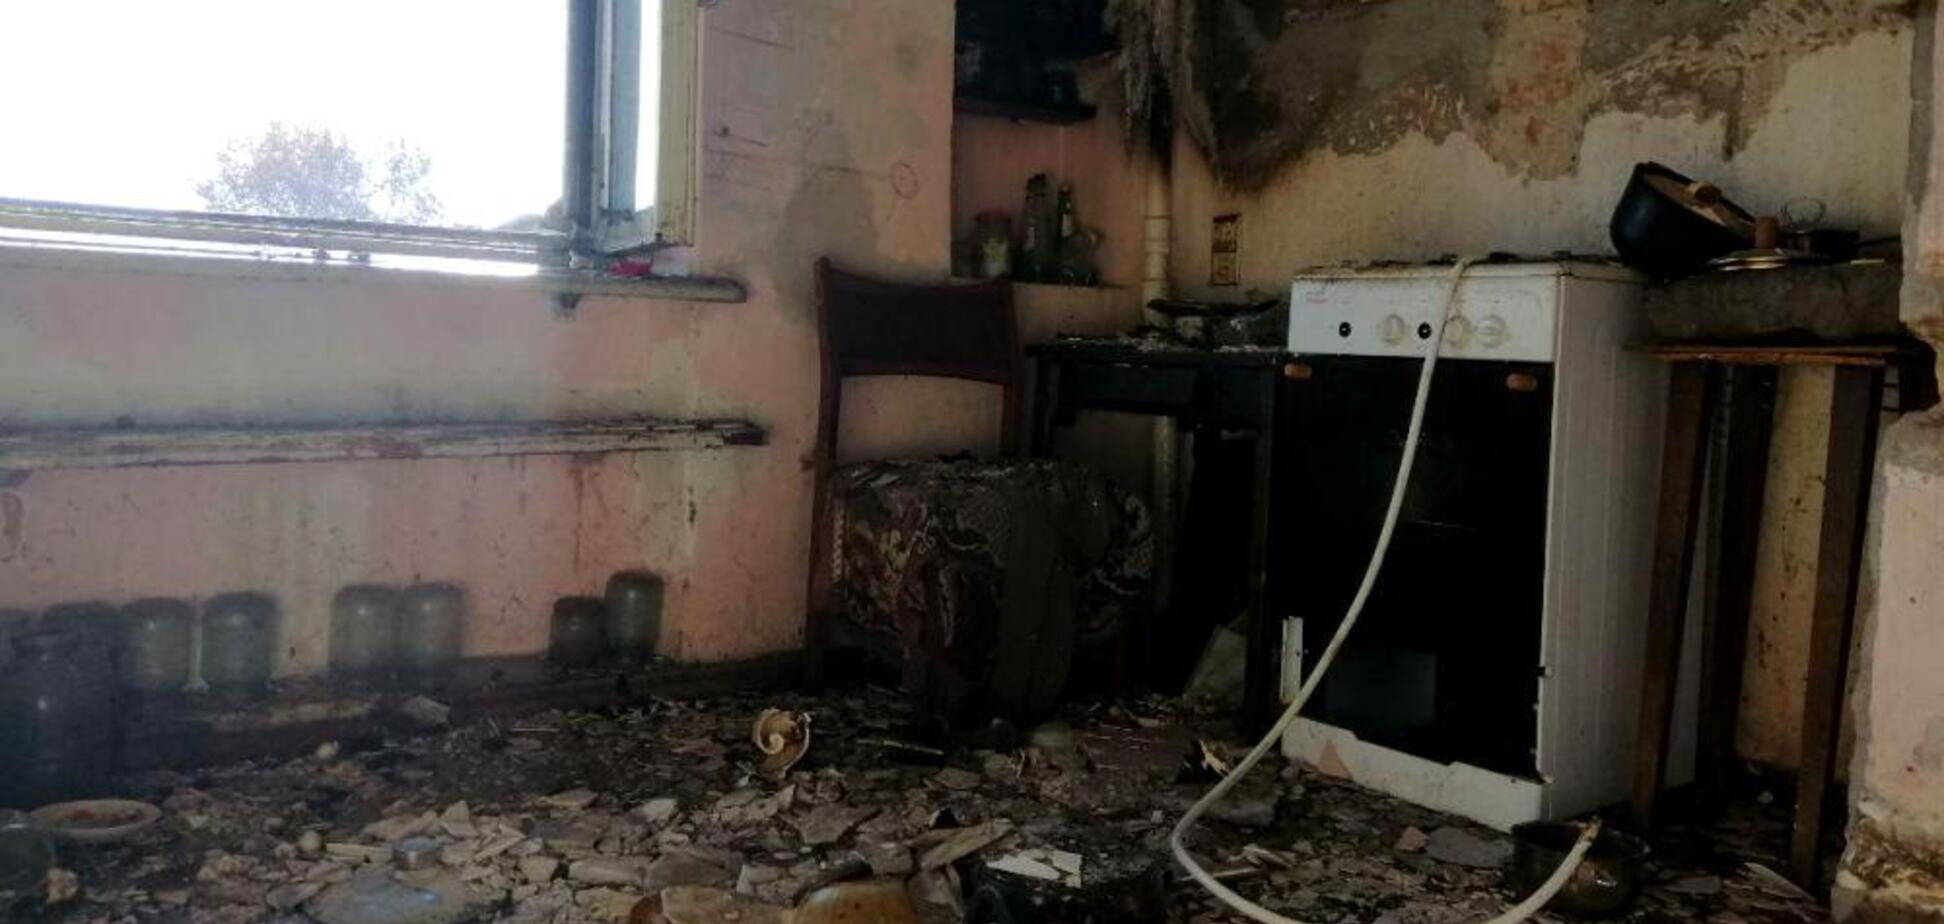 В Одессе едва не взорвался дом из-за газового котла: фото пожара